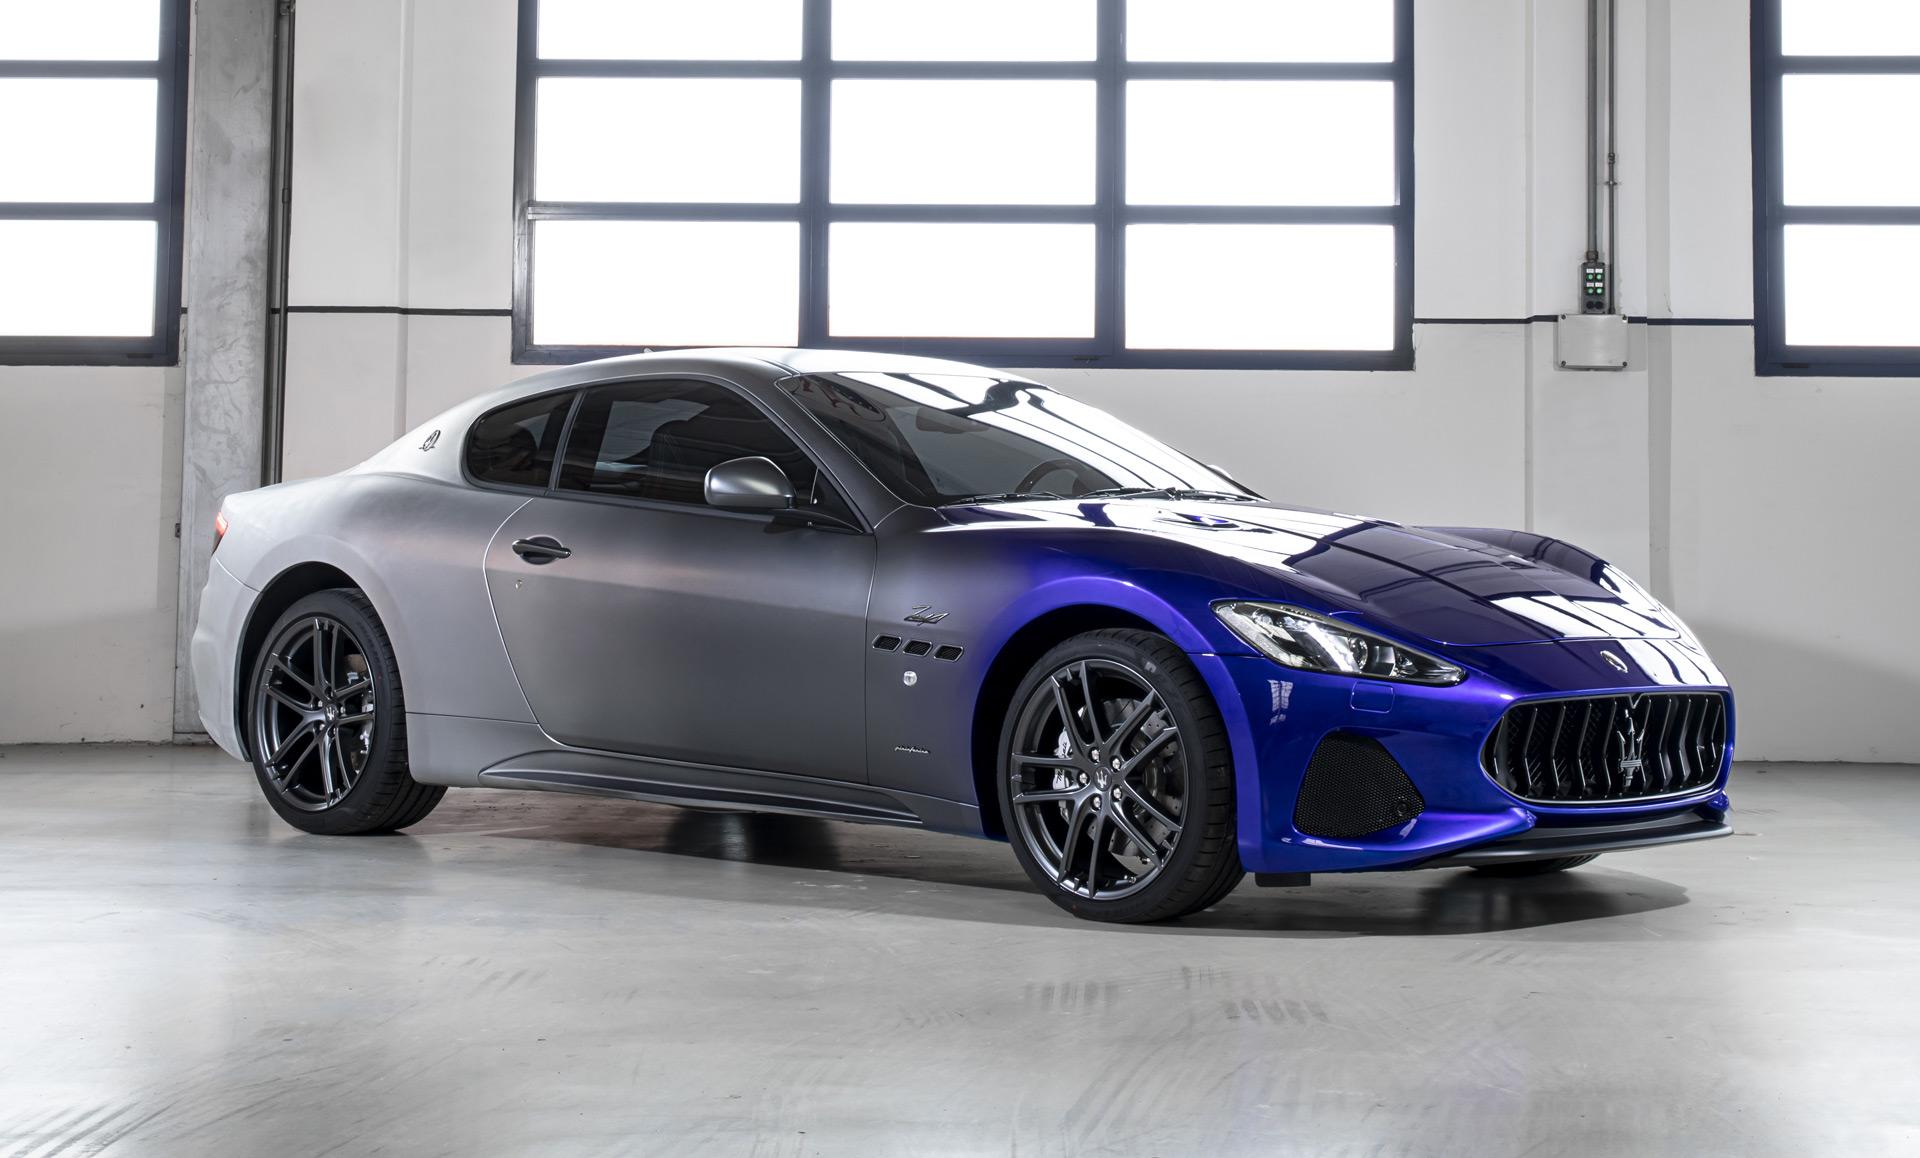 2019 Maserati GranTurismo Review, Ratings, Specs, Prices ...